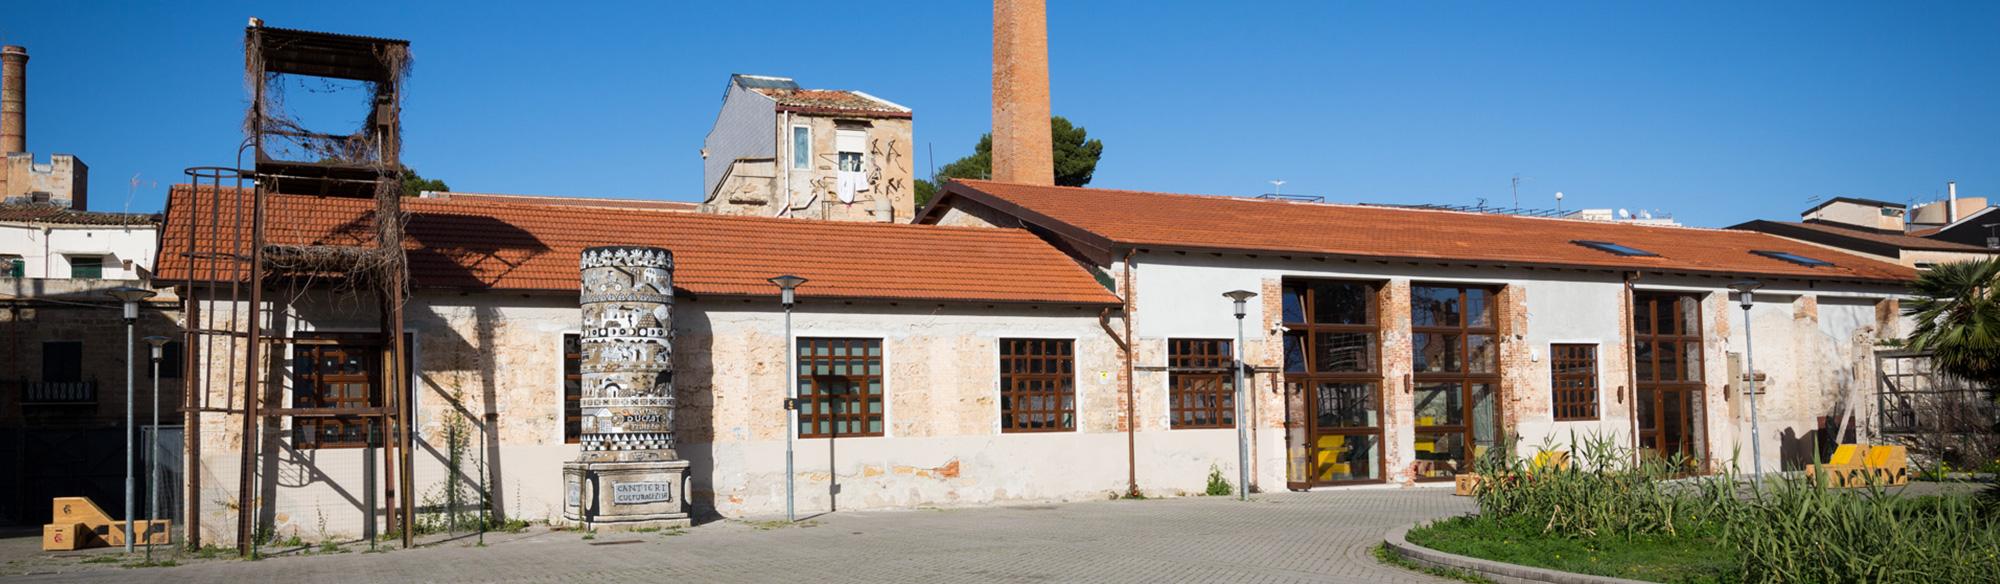 Riqualificazione cantieri della Zisa a Palermo